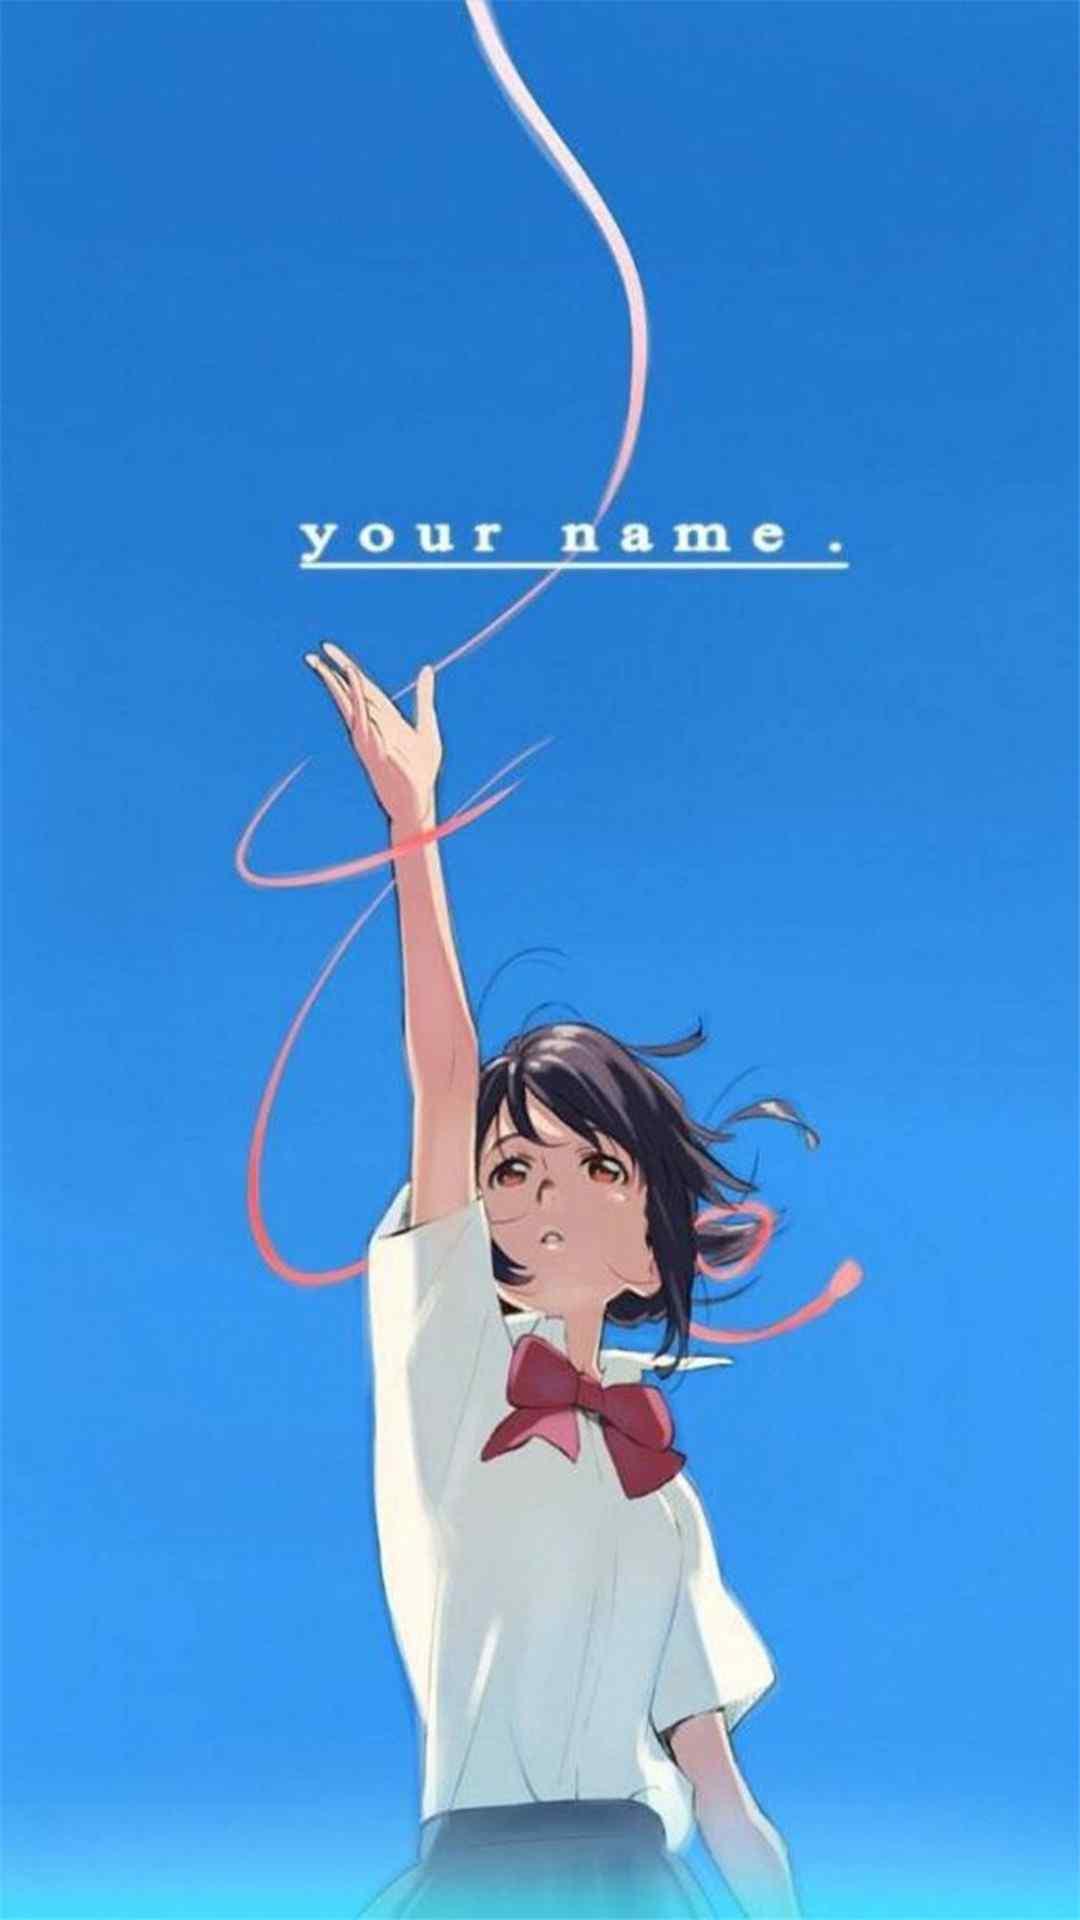 《你的名字》三叶唯美高清手机壁纸